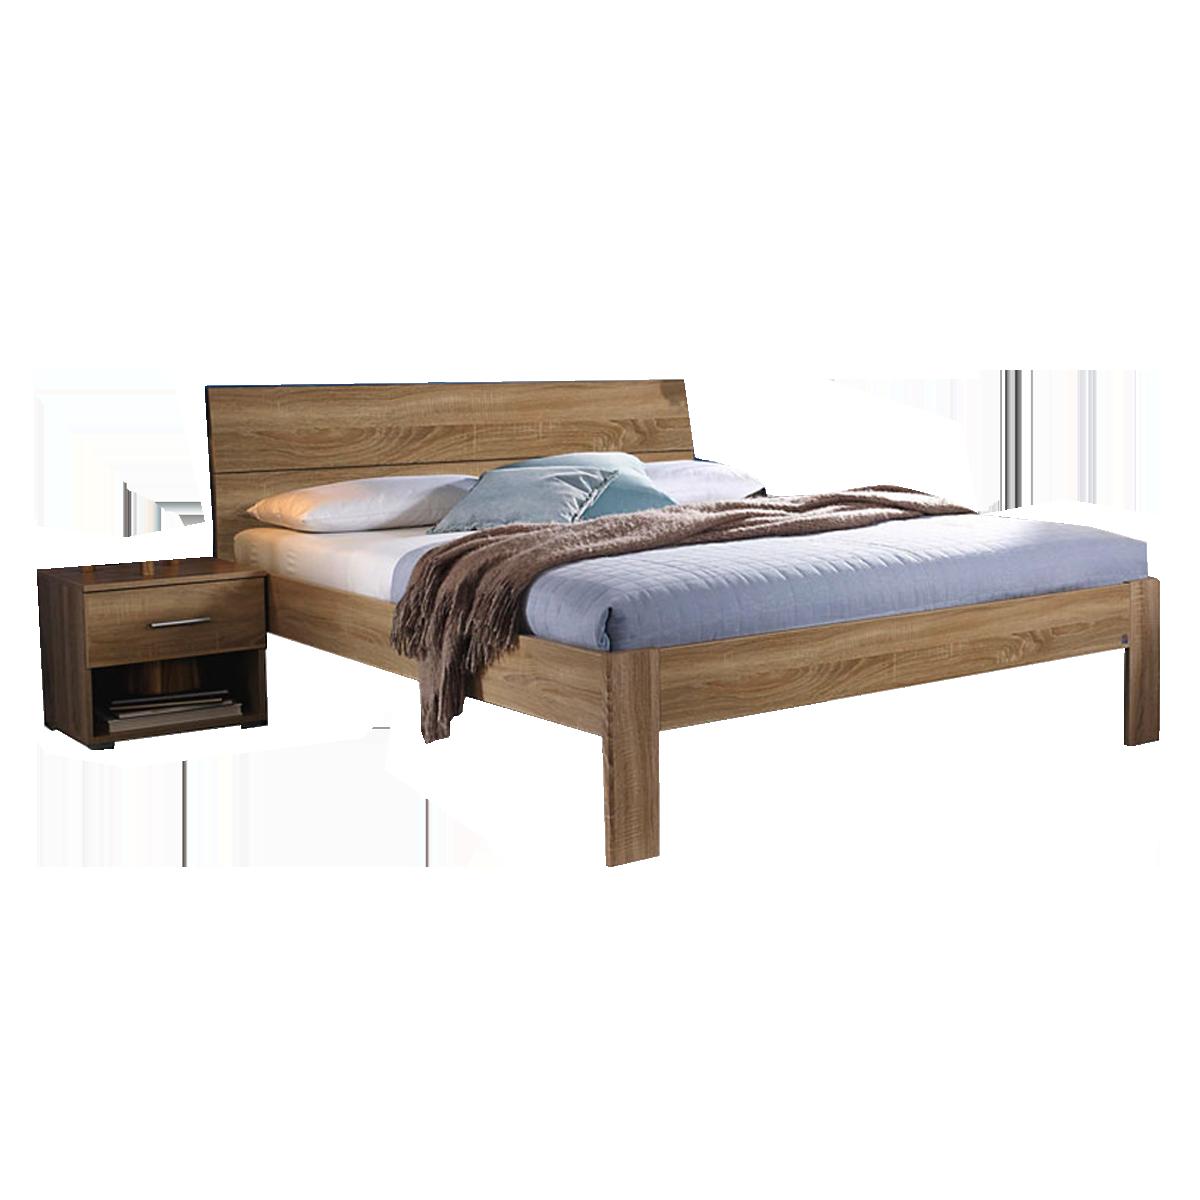 Full Size of Rauch Packs Flexgroes Bett In Warmer Freundlicher Farbkombination Mit Matratze Und Lattenrost Amazon Betten Konfigurieren Weiß 140x200 Schubladen 160x200 Bett Bett Eiche Sonoma